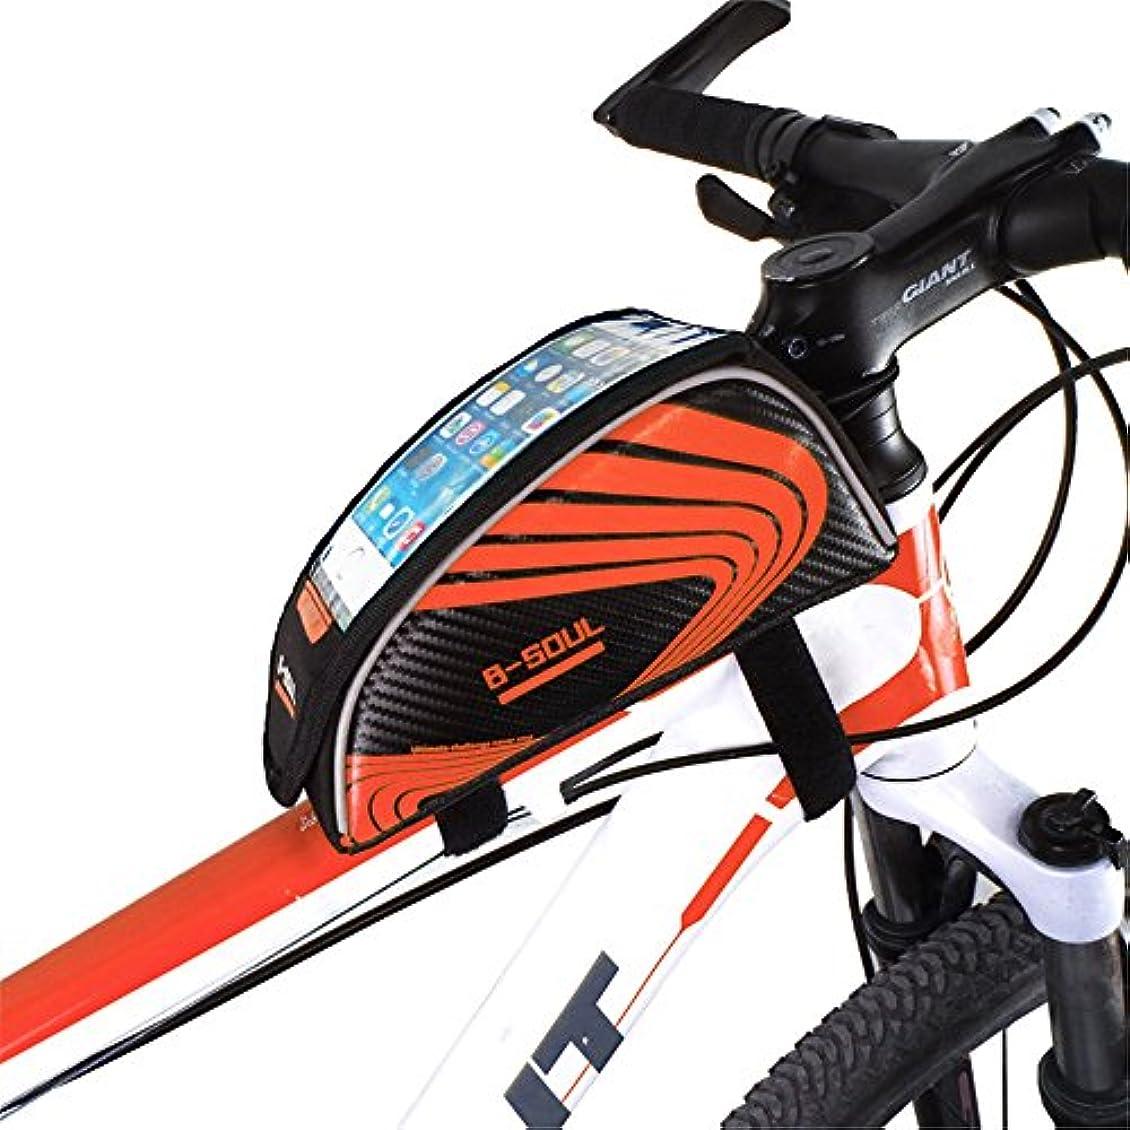 ストレージ電報フィラデルフィア自転車シートパックバッグアウトドアスポーツタッチスクリーン5.5インチ携帯電話バッグ自転車フロントフレームマウンテンバイクマウンテンバイクサドルバッグ サイクリングバッグ防水 (色 : オレンジ)